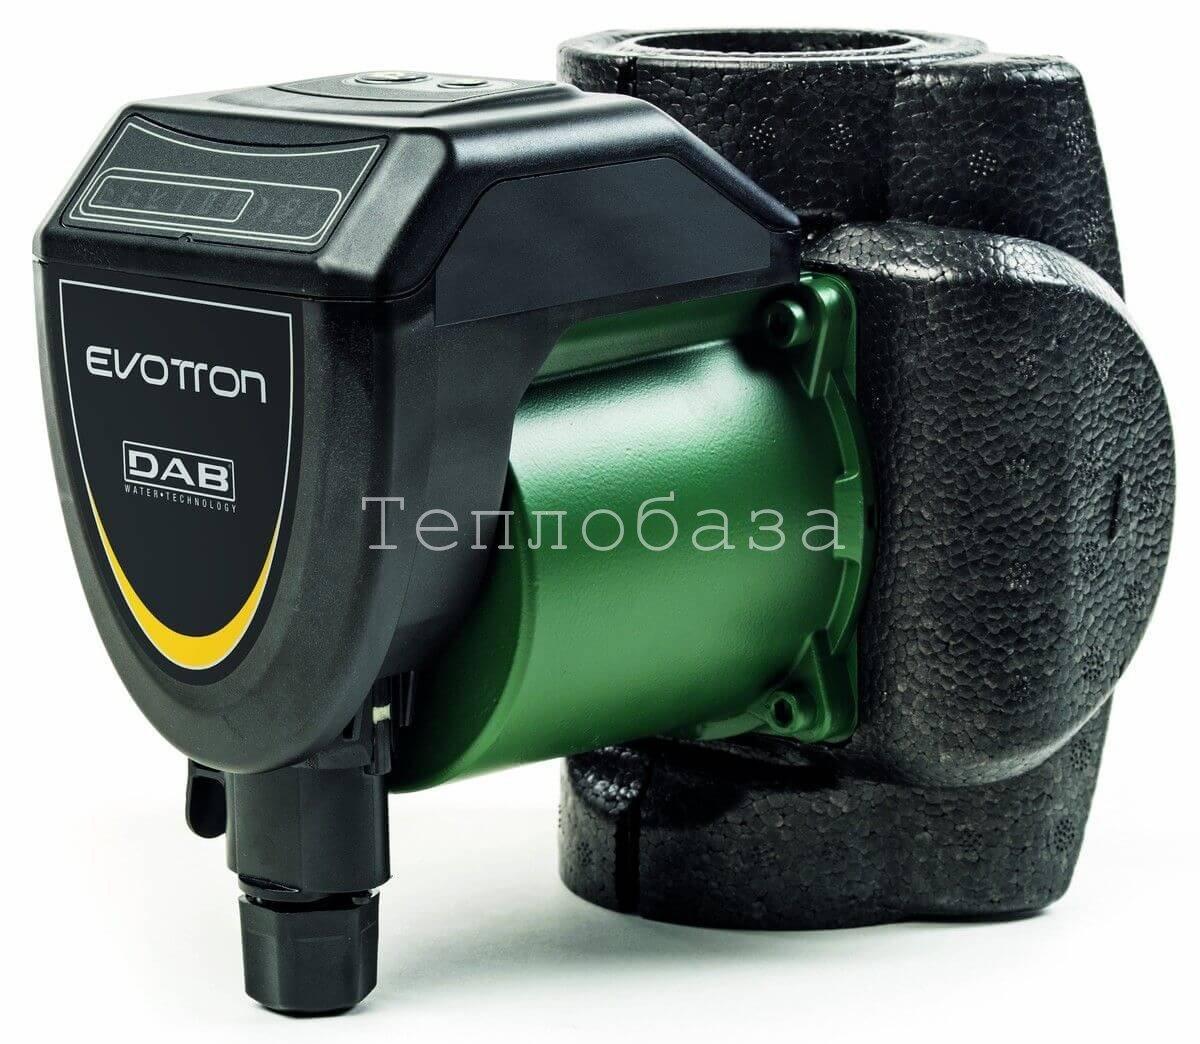 Циркуляционный насос с мокрым ротором для систем отопления с частотным регулятором DAB Evotron 60/180 - фото